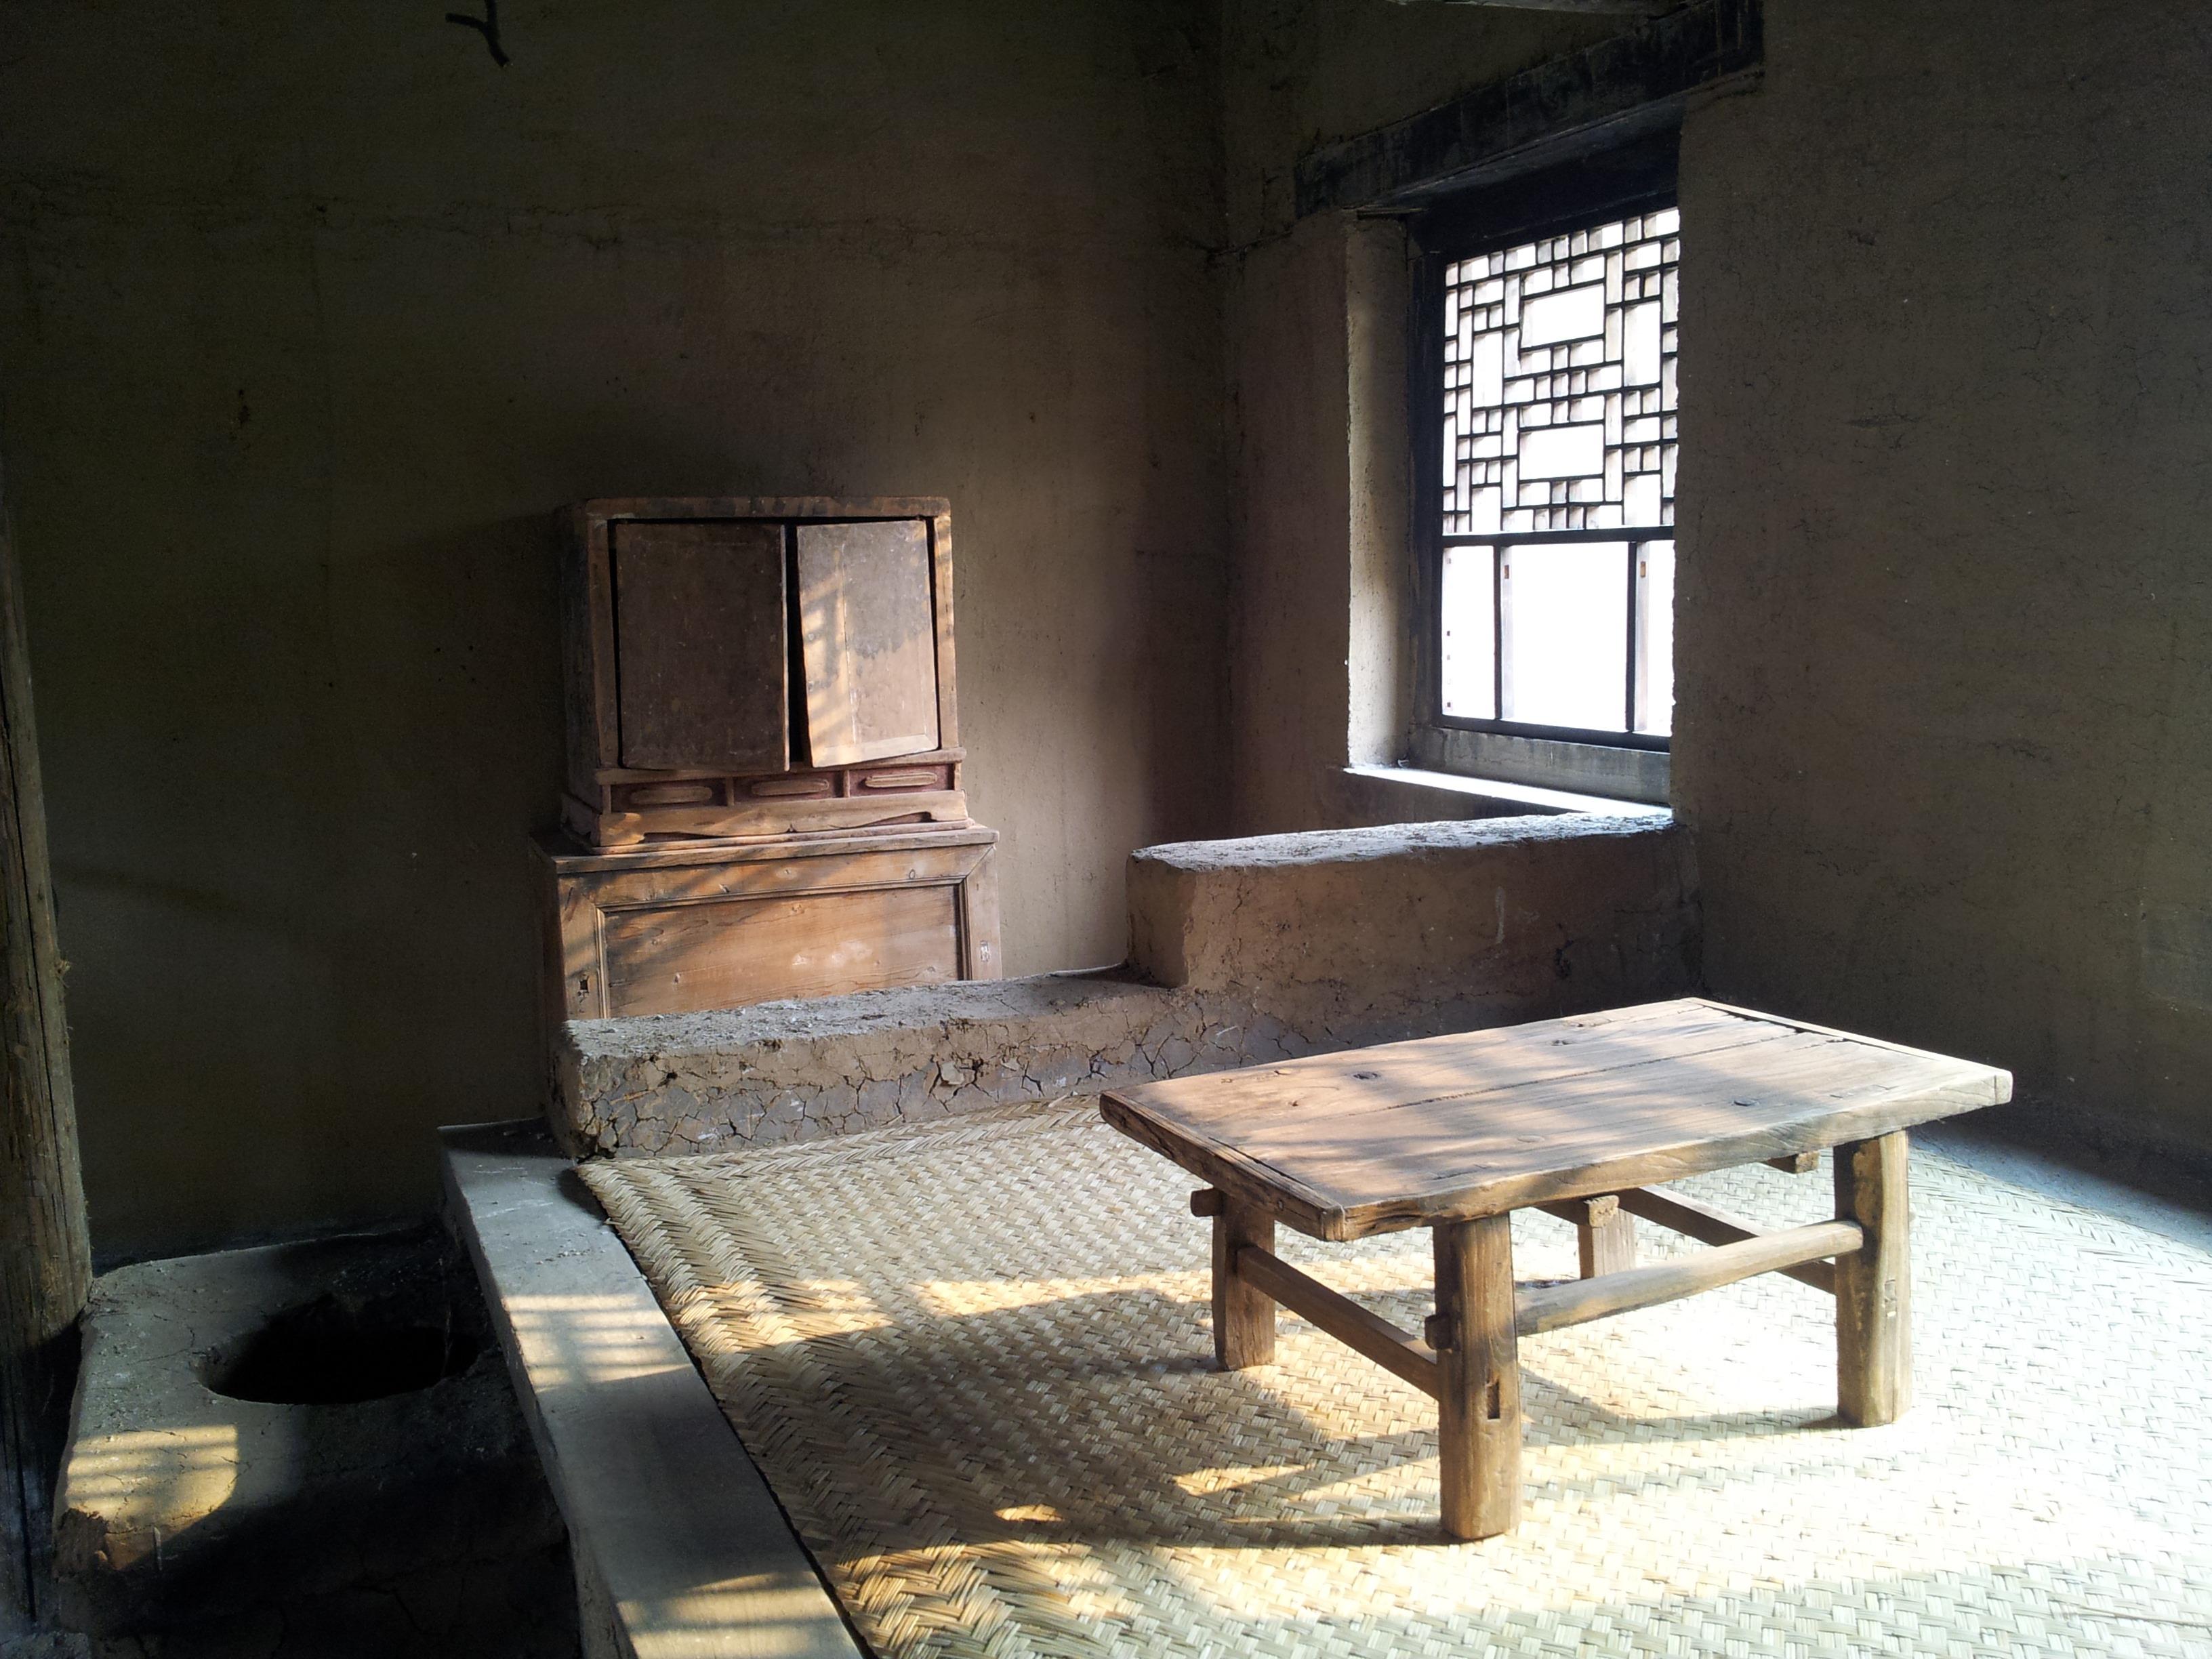 fotos gratis mesa madera silla piso edificio antiguo pueblo cabana propiedad sala